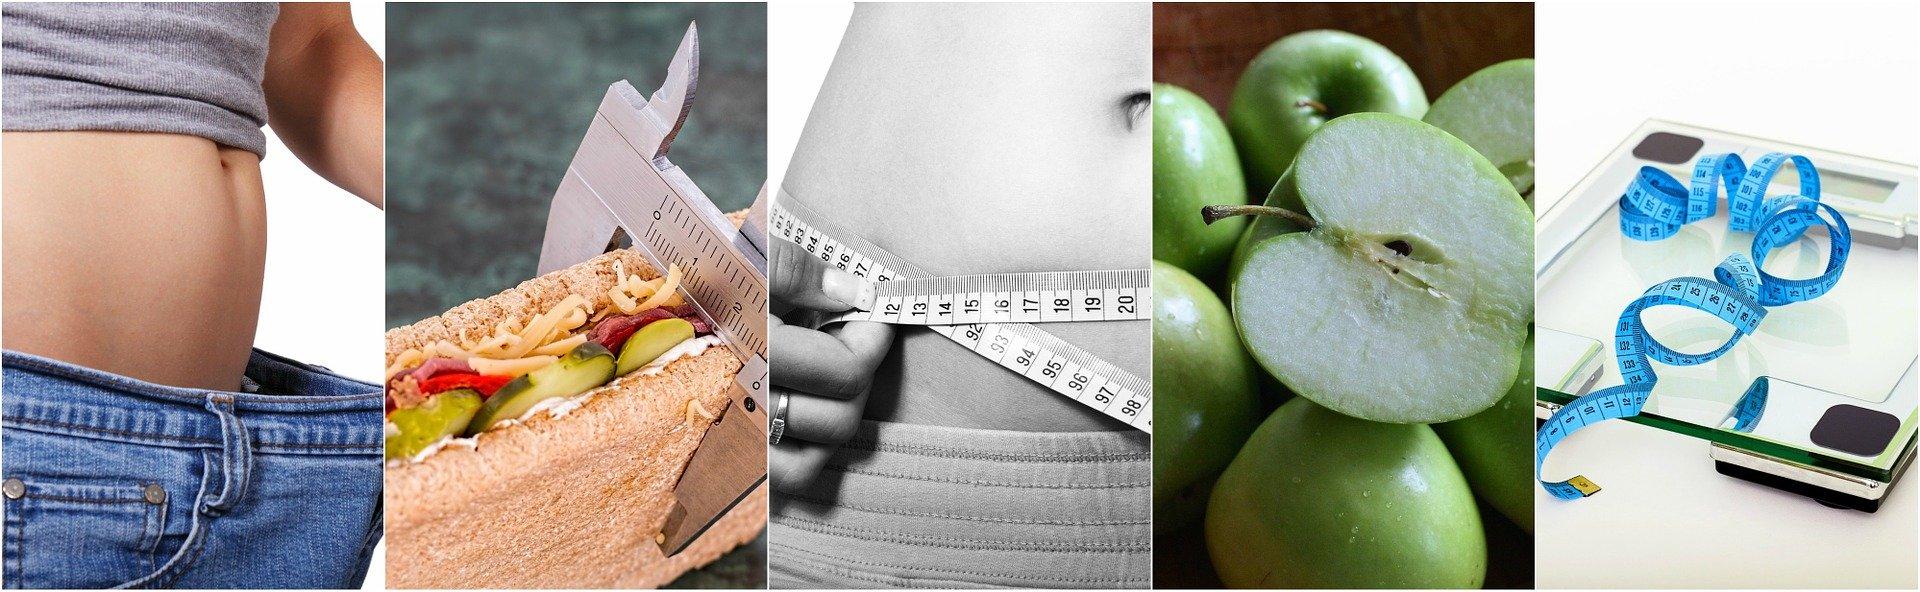 Diät der Trauben, um Gewicht zu verlieren